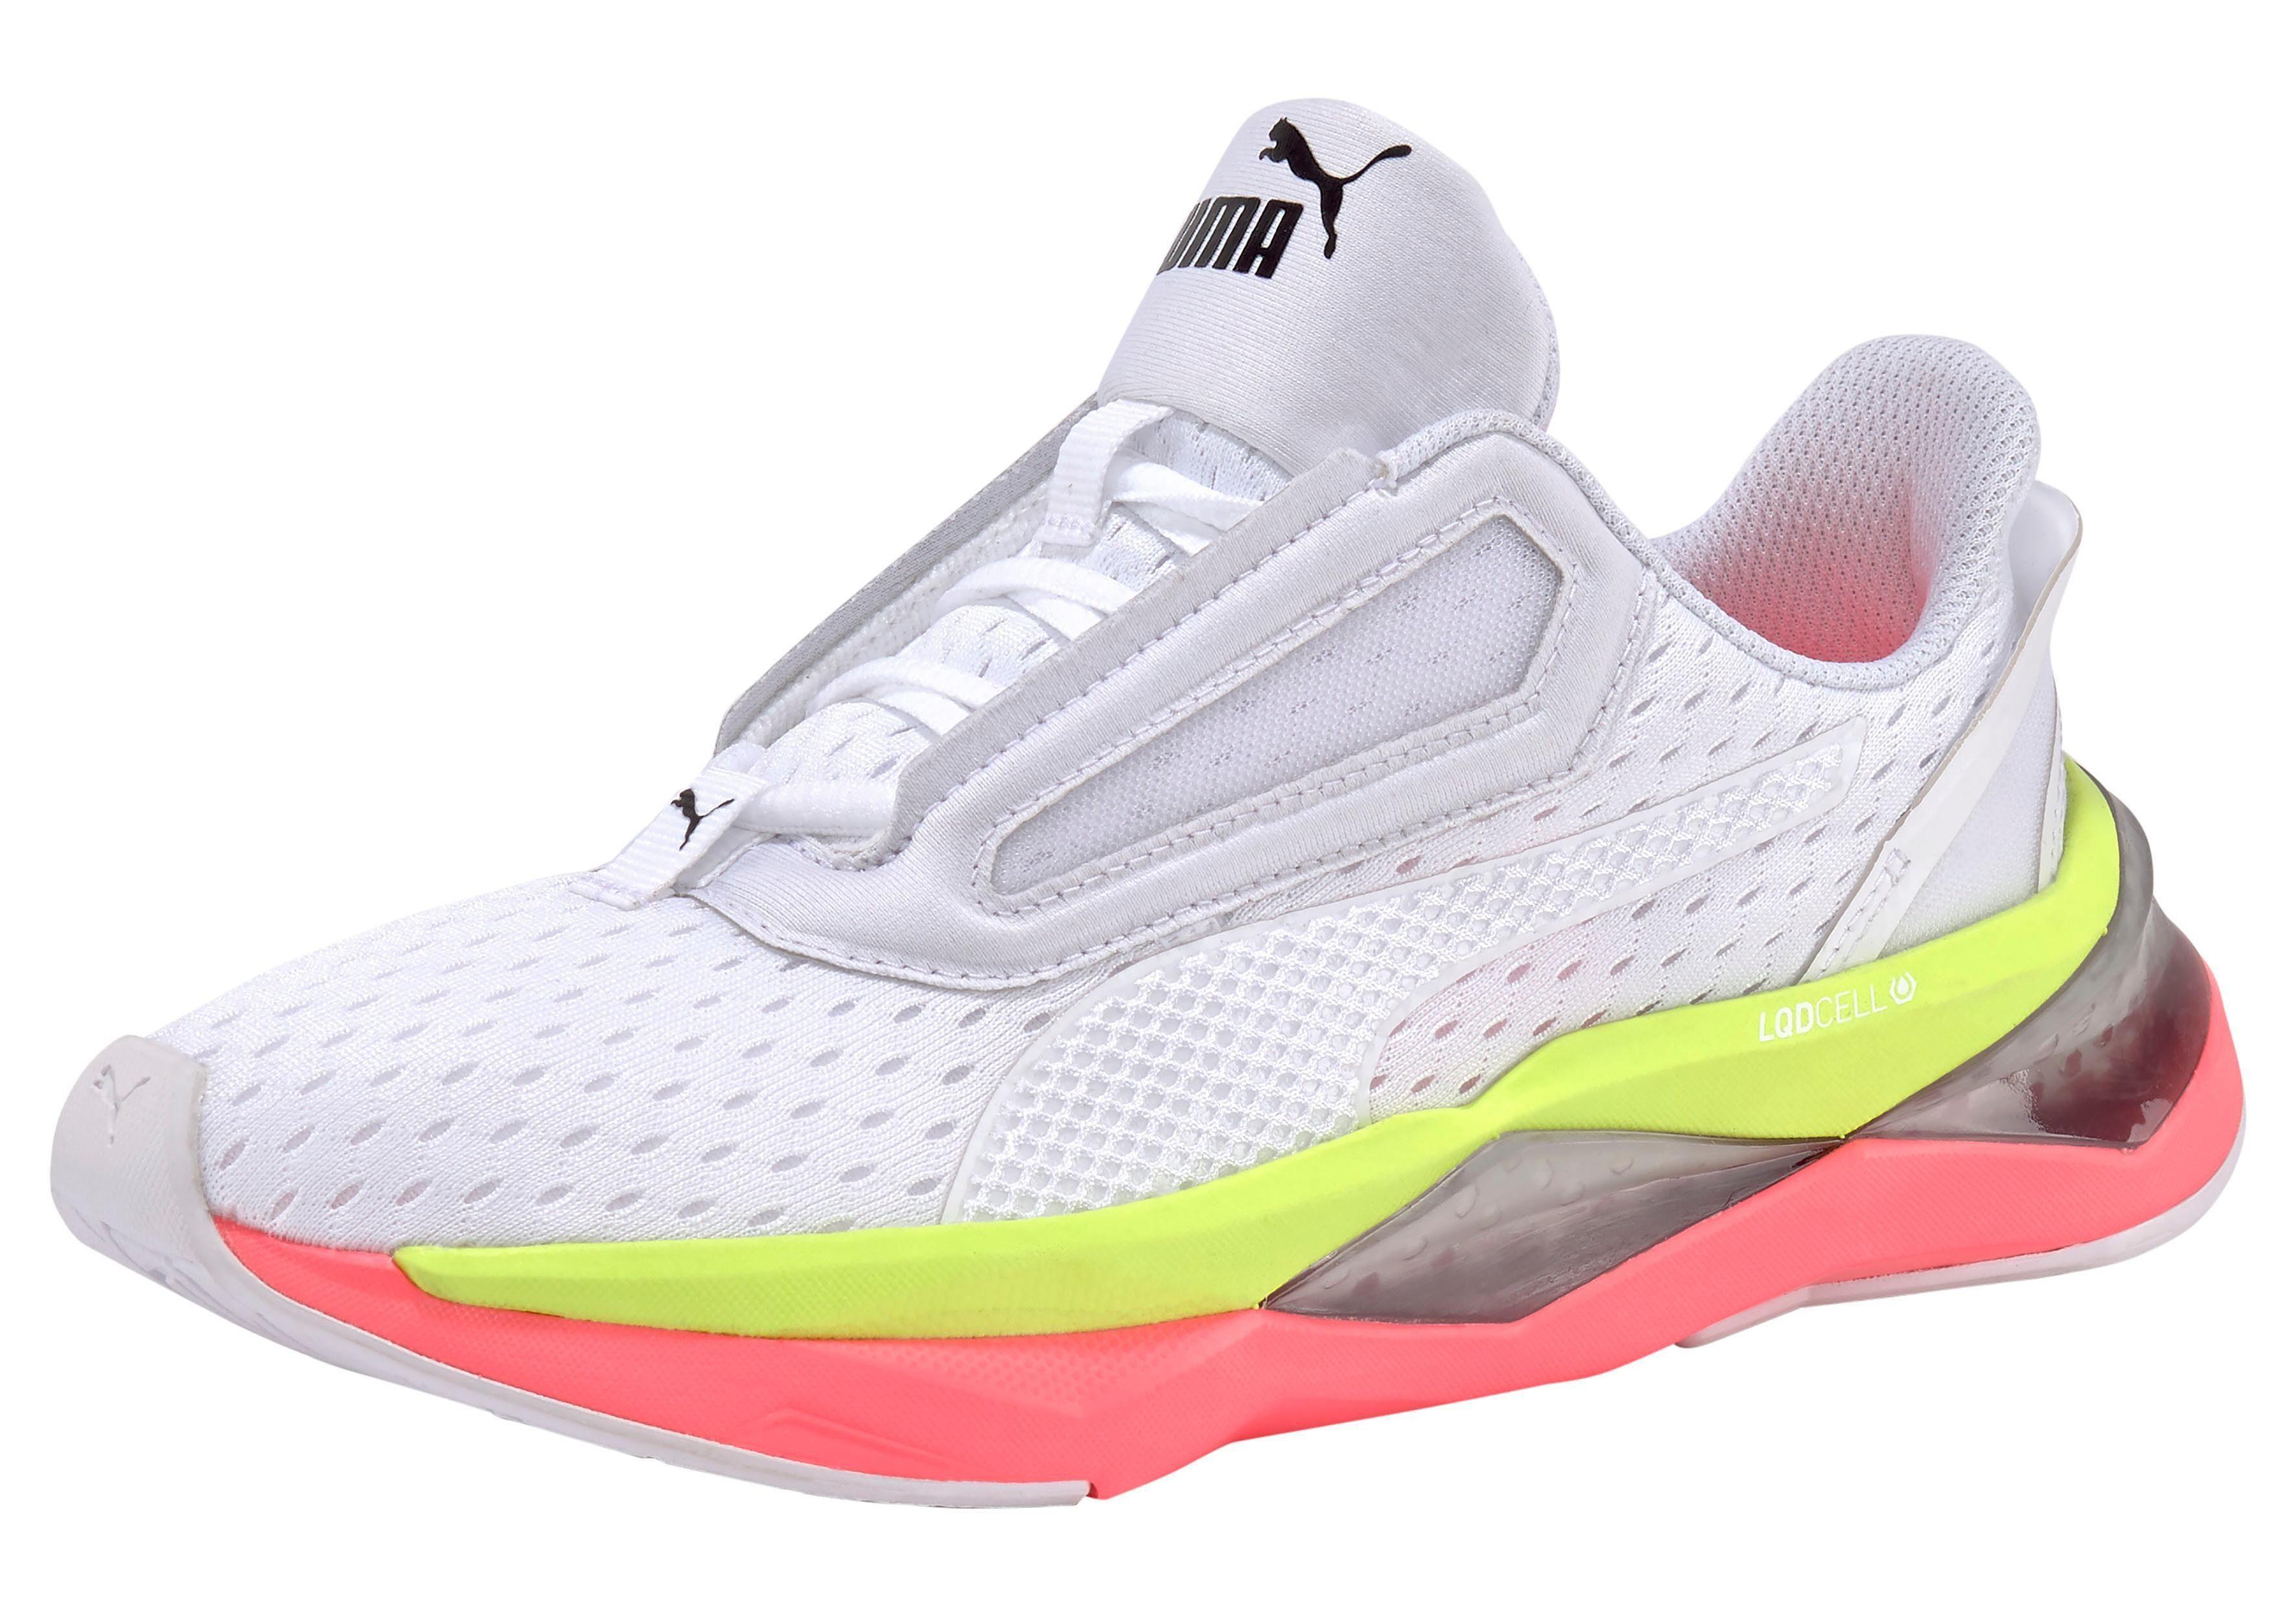 PUMA »LQDCell Shatter XT Wn's« Sneaker, Trendiger Trainingsschuh von PUMA online kaufen | OTTO